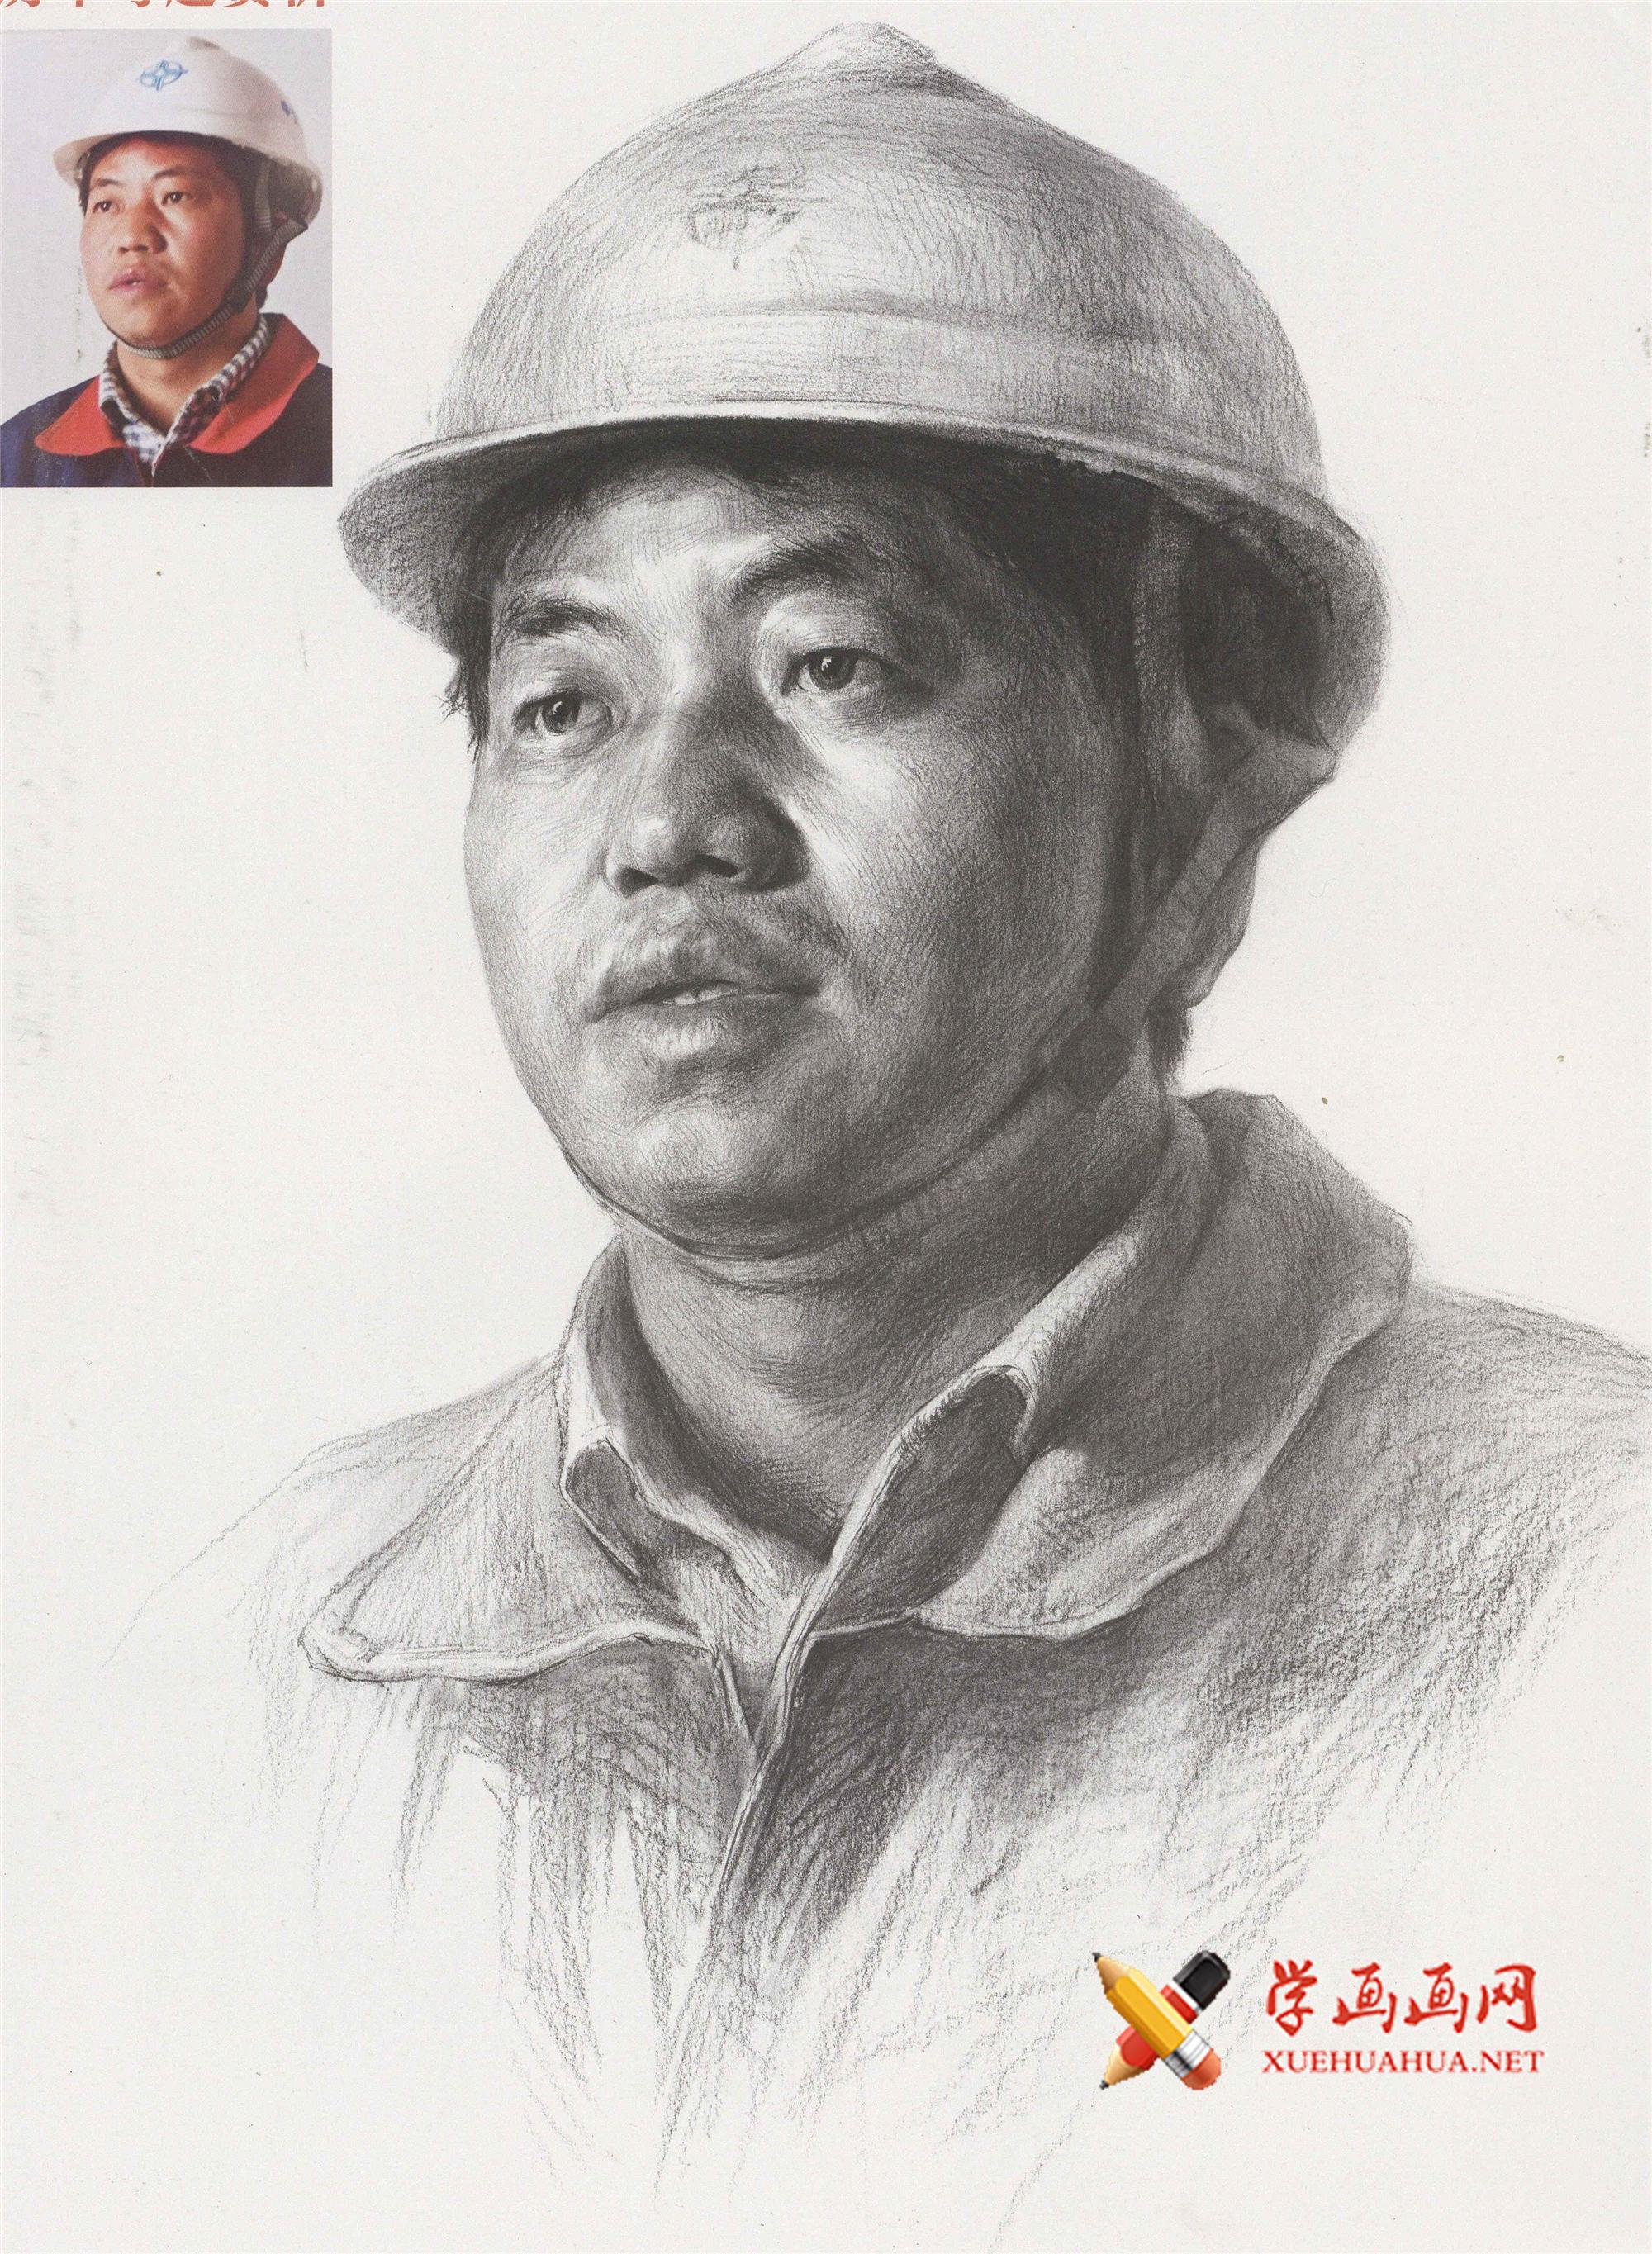 戴安全帽的工人形象素描头像高清范画图片(1)